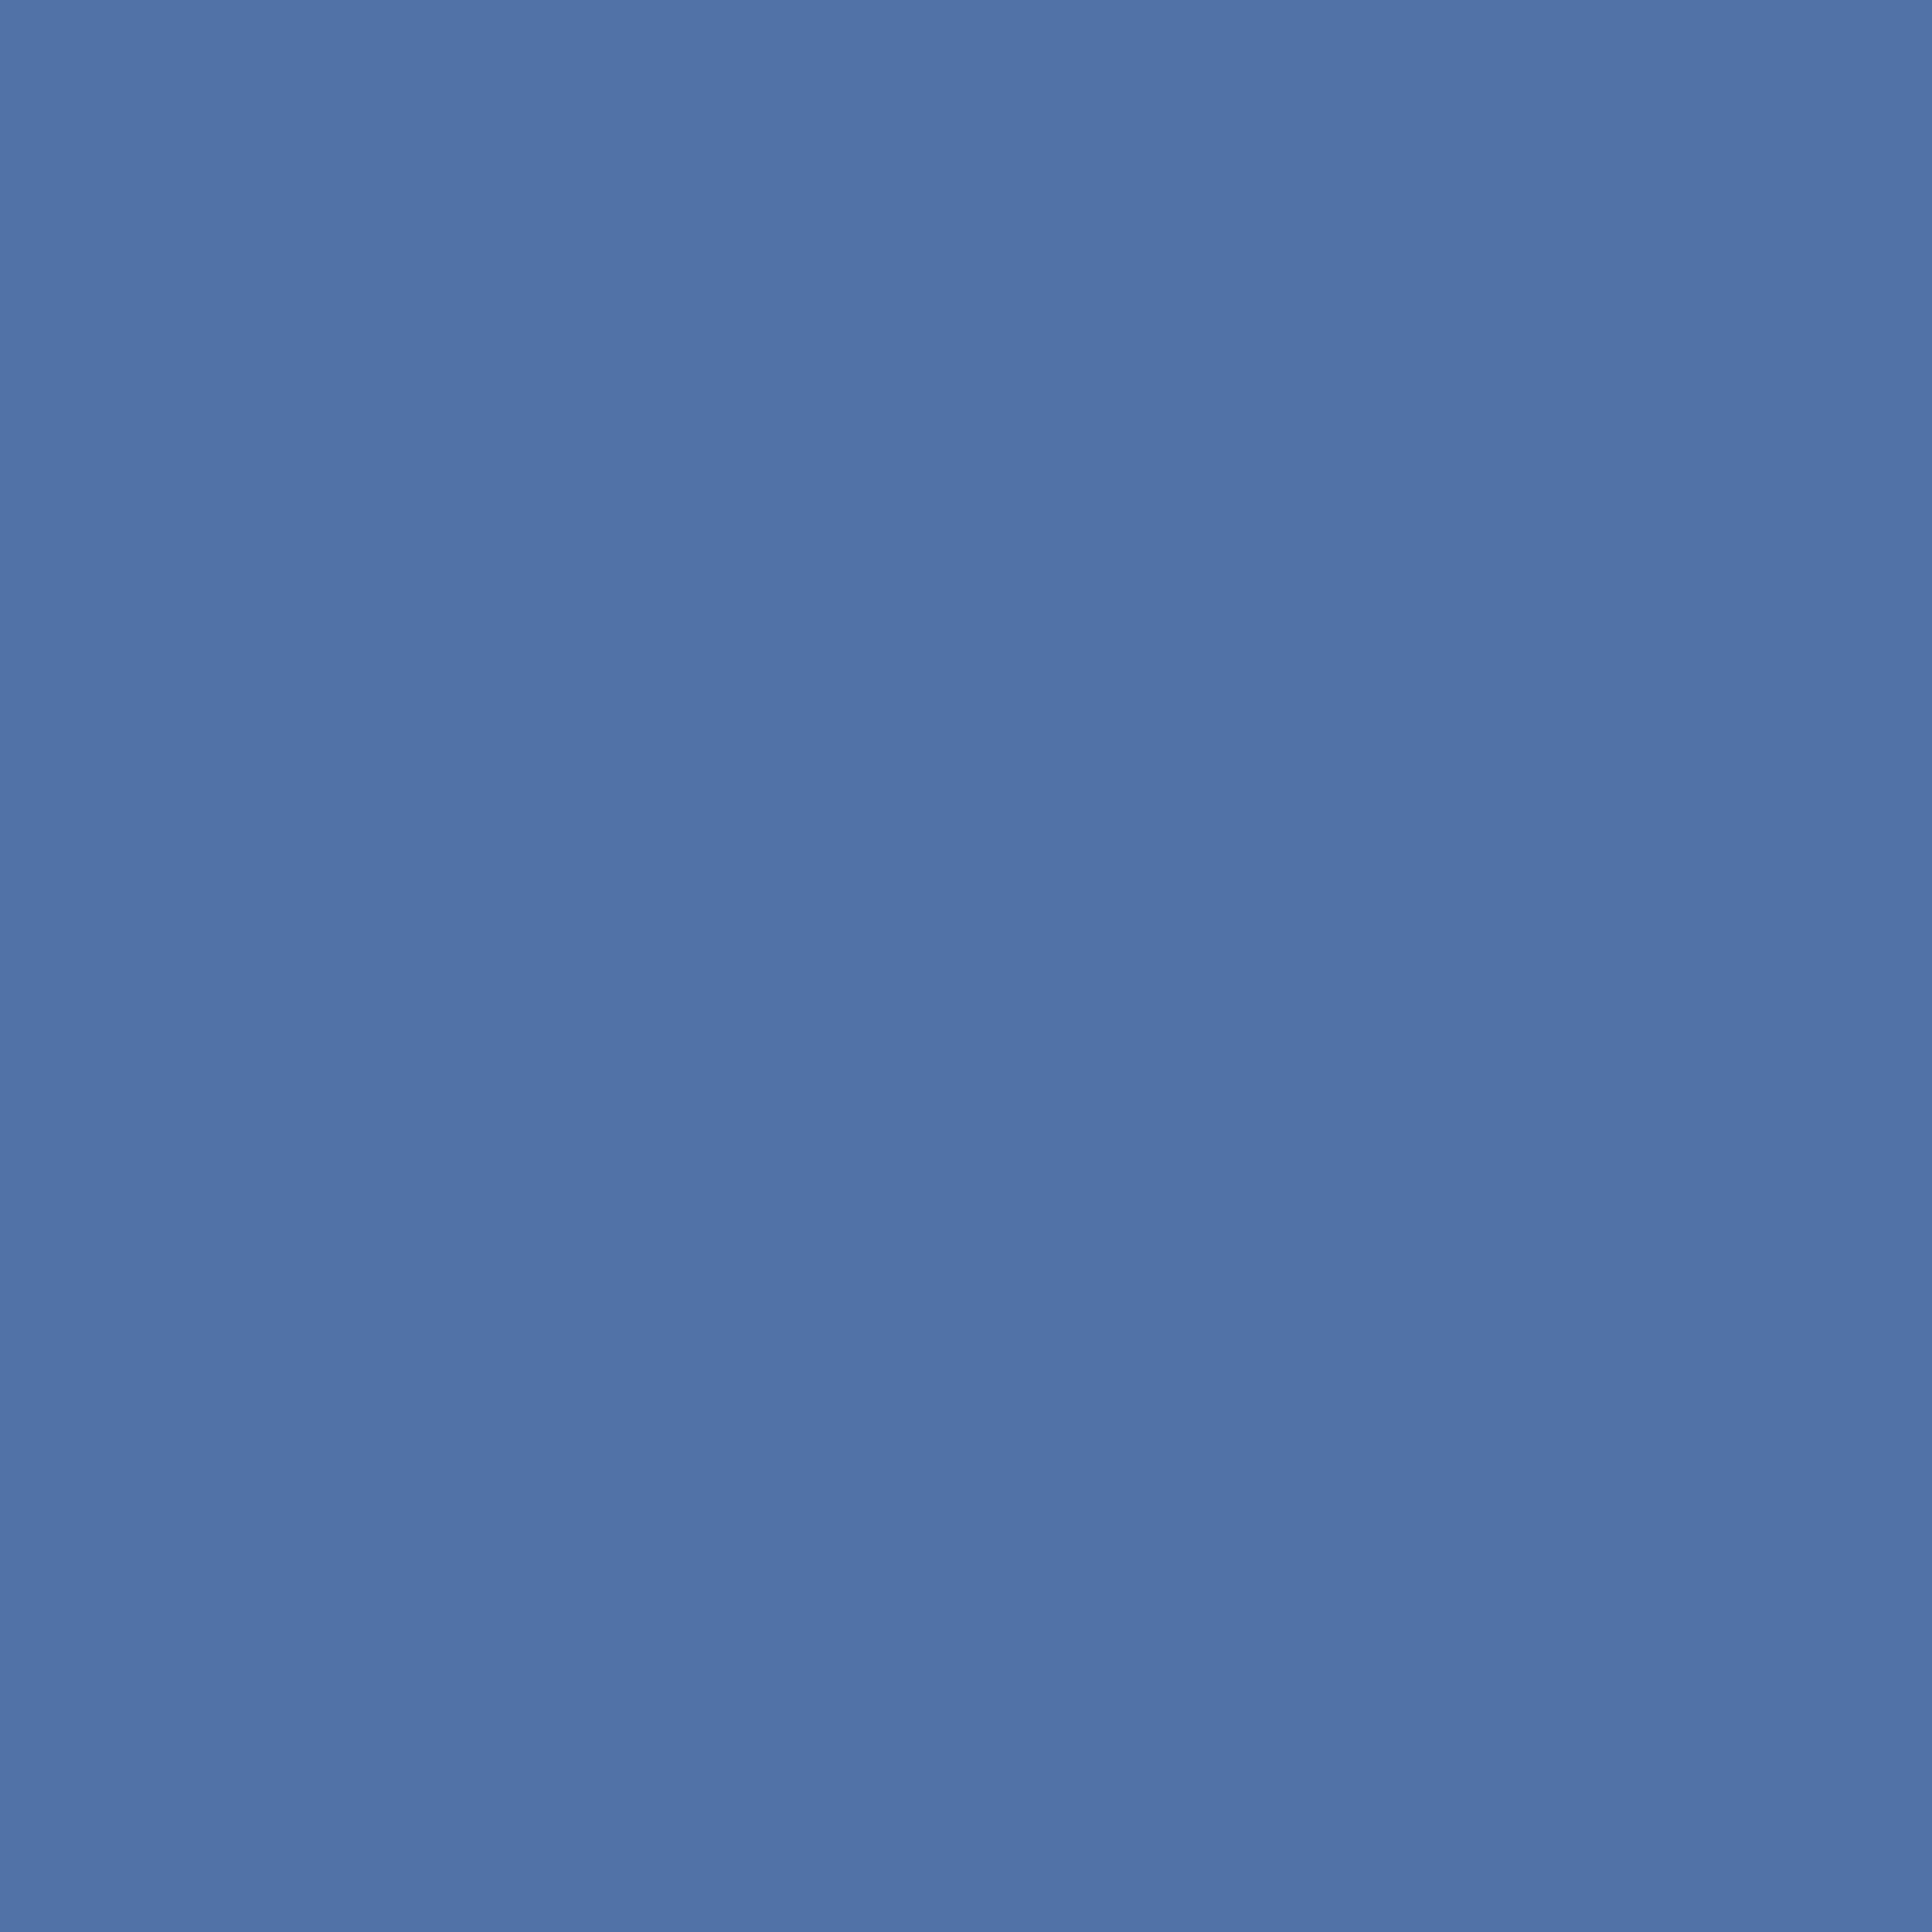 2732x2732 Blue Yonder Solid Color Background